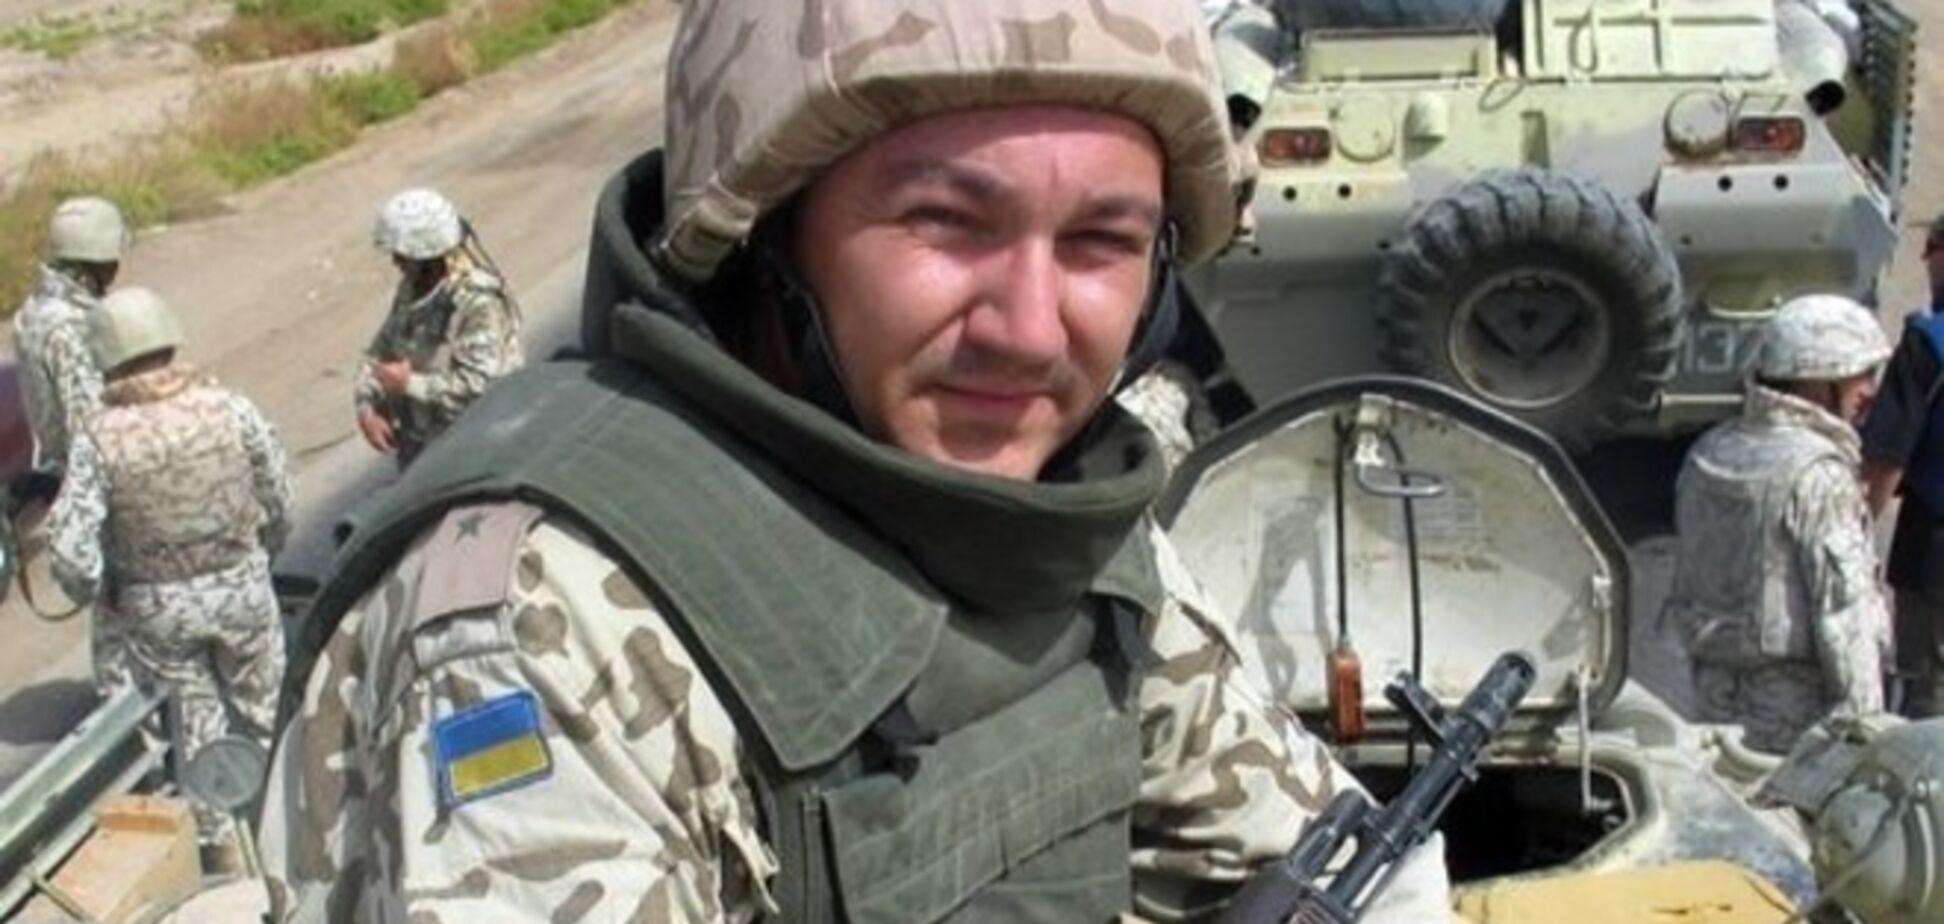 Тела оккупантов на Донбассе сбрасывают в шахты - Тымчук